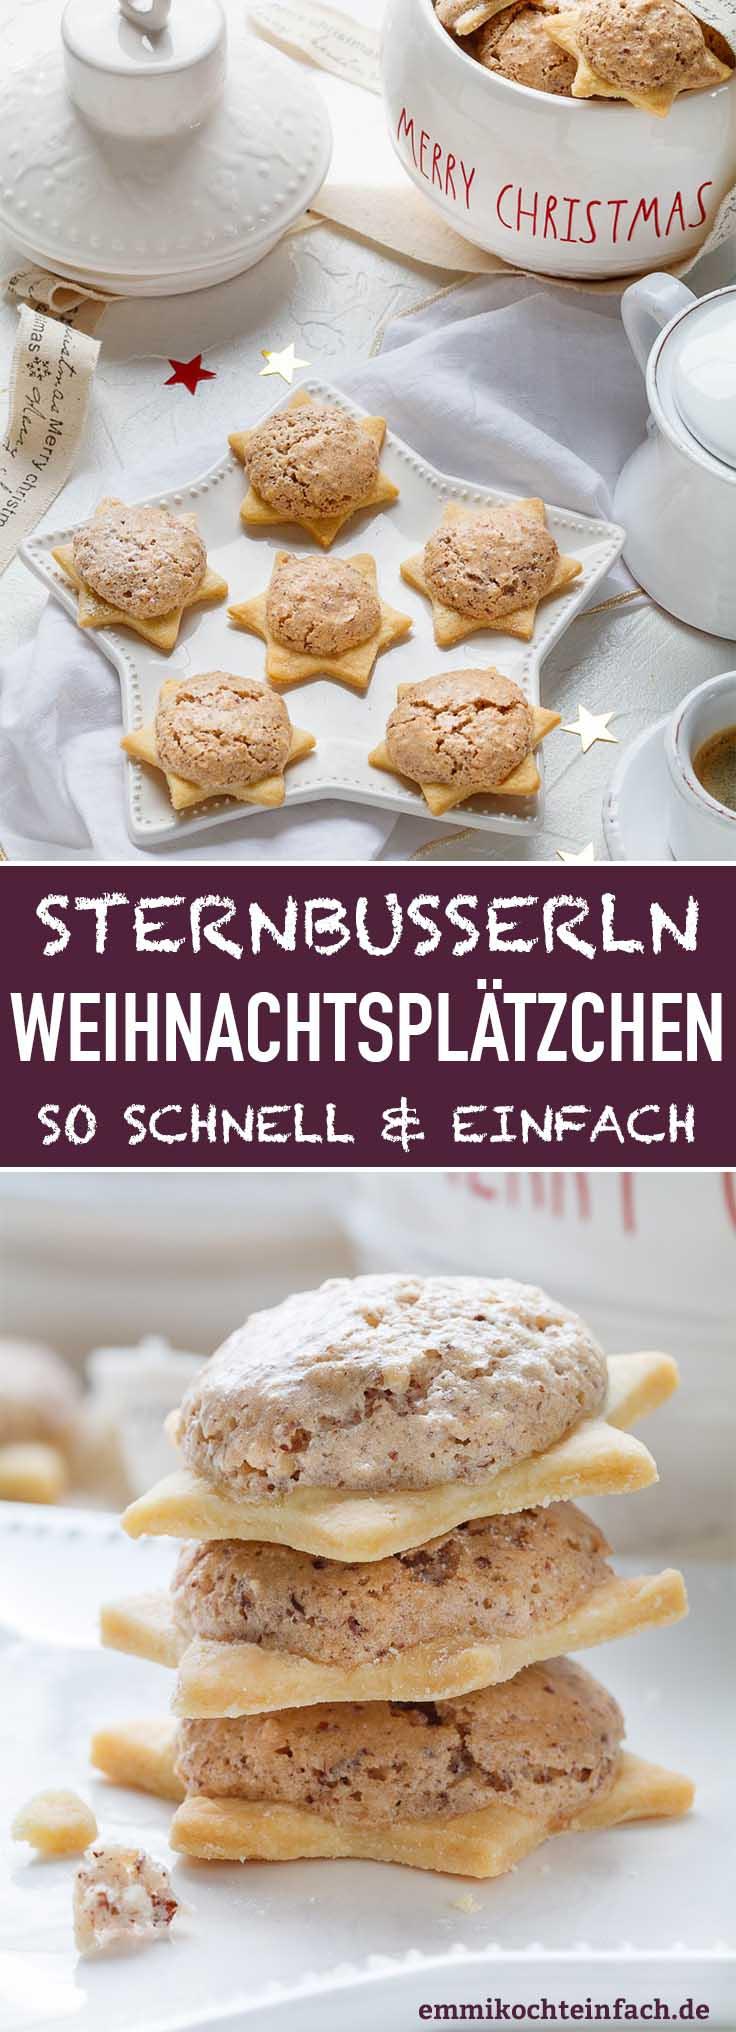 Ganz einfache und schnelle Plätzchen für die Weihnachtszeit - www.emmikochteinfach.de